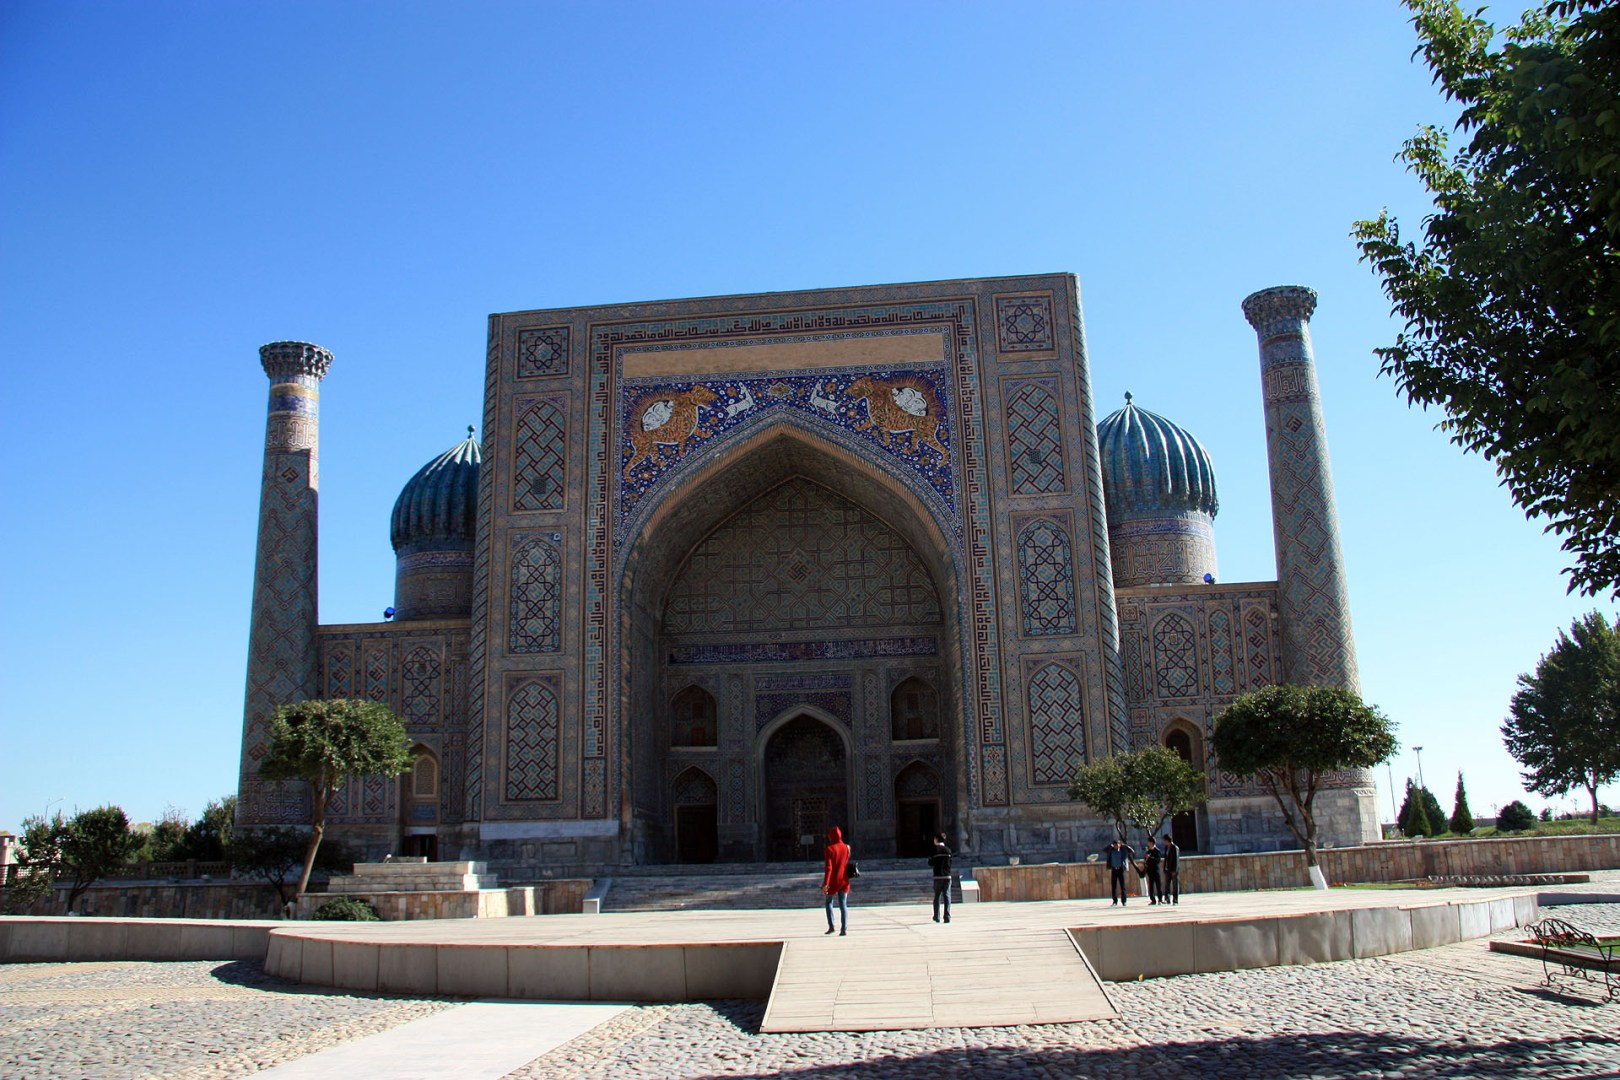 The Registan